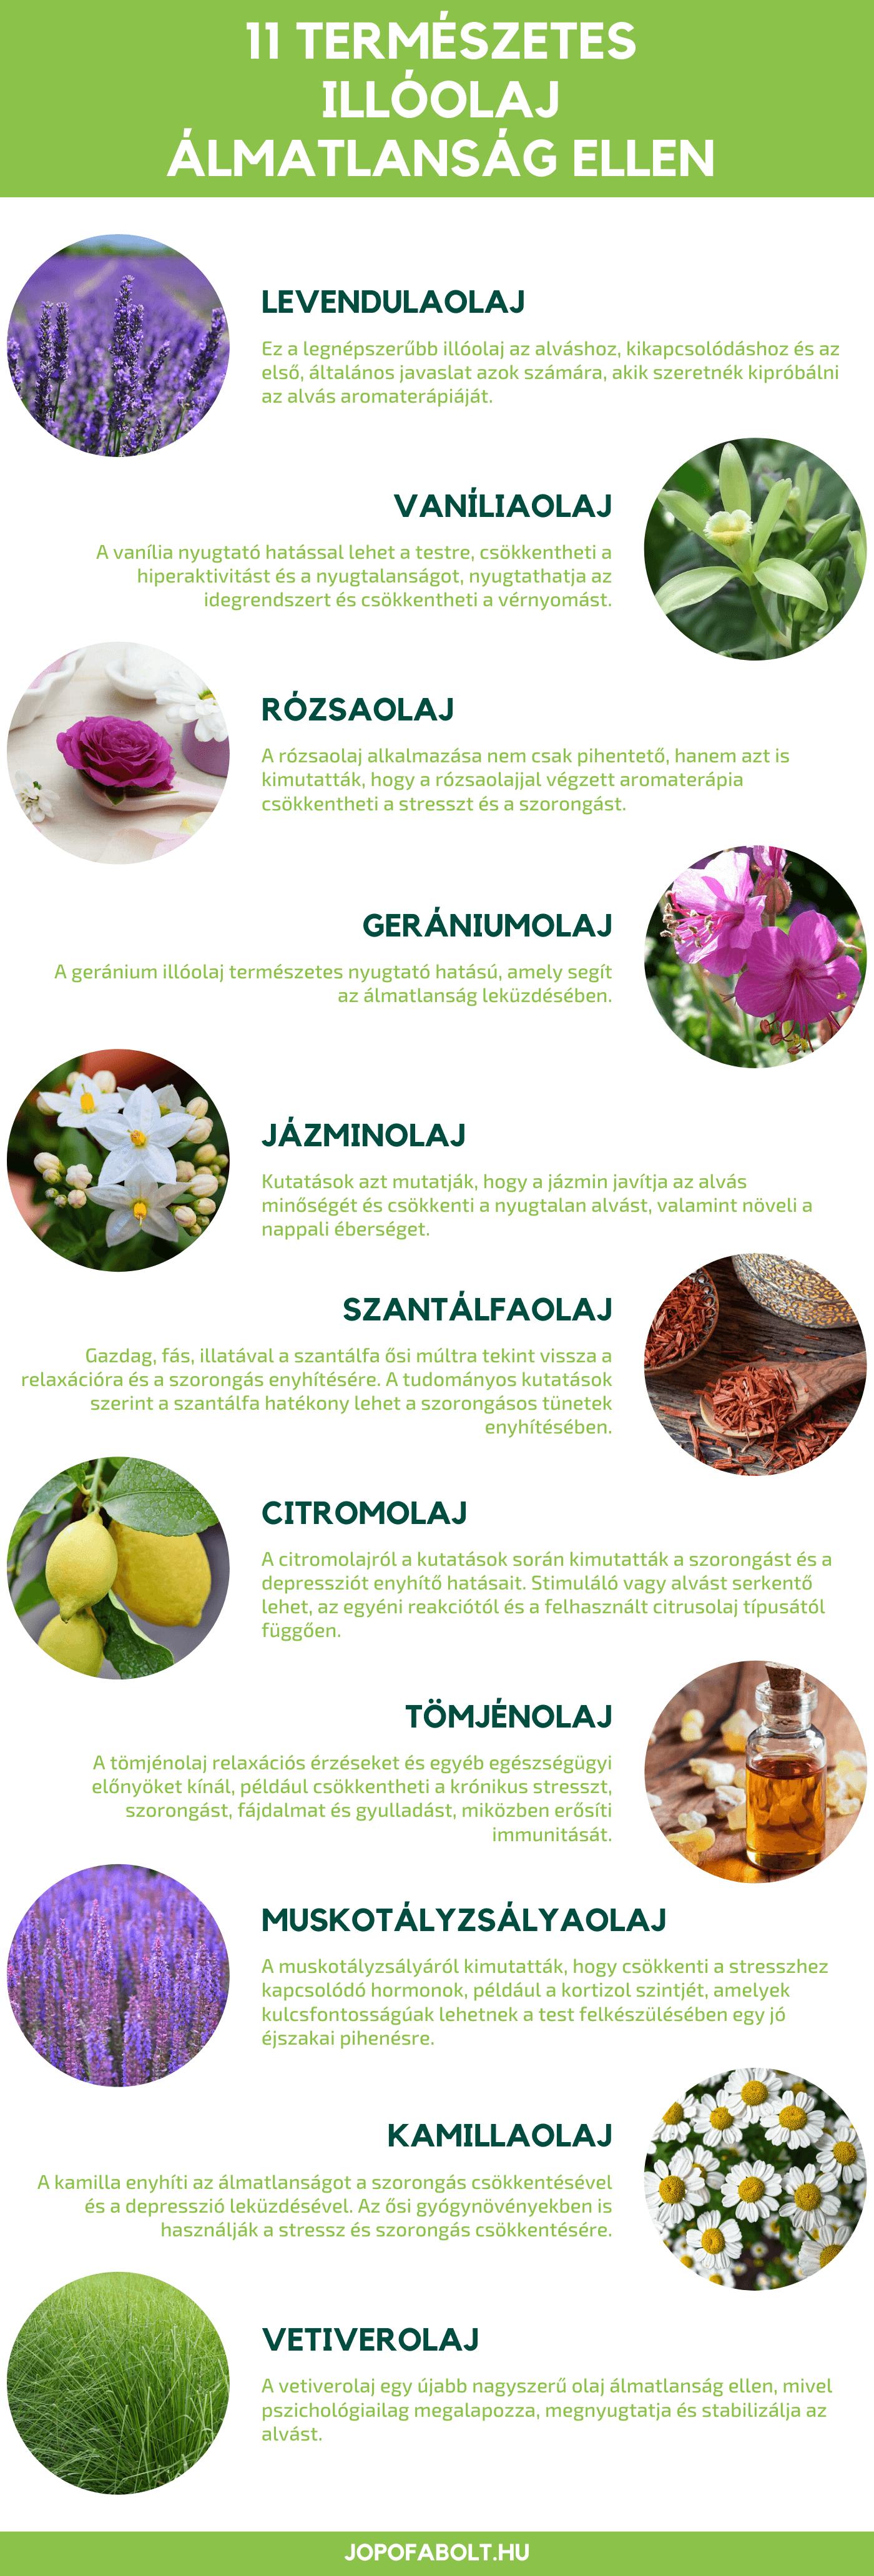 Vérnyomáscsökkentés aromaterápiás módszerekkel | Életmód 50